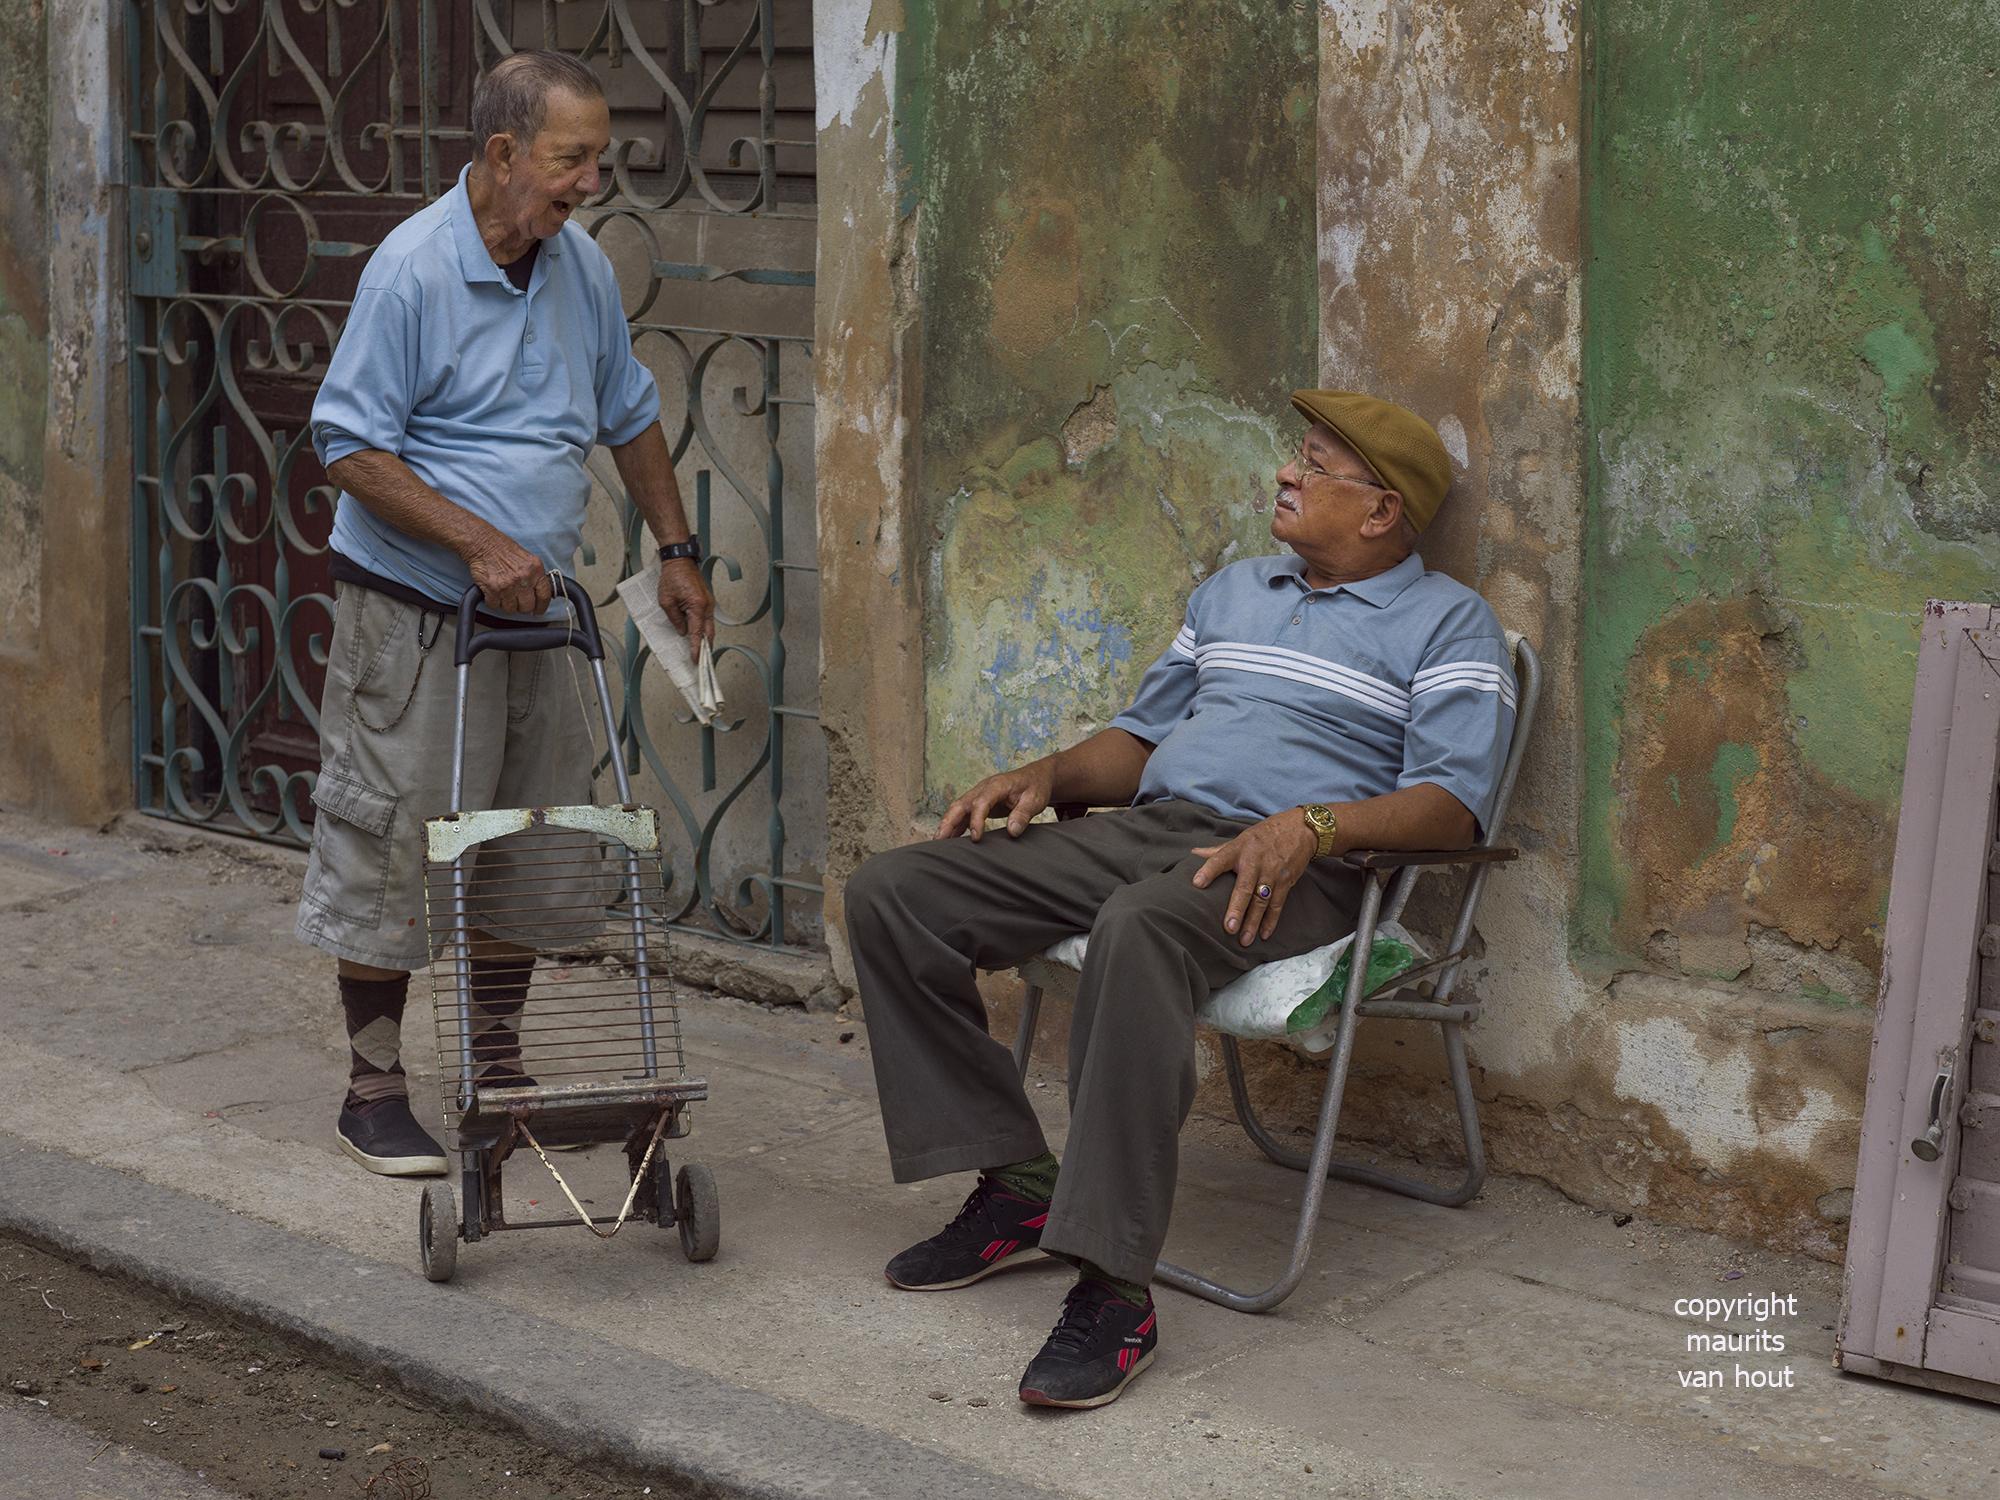 Cuba door fotograaf Maurits van Hout uit Den Haag